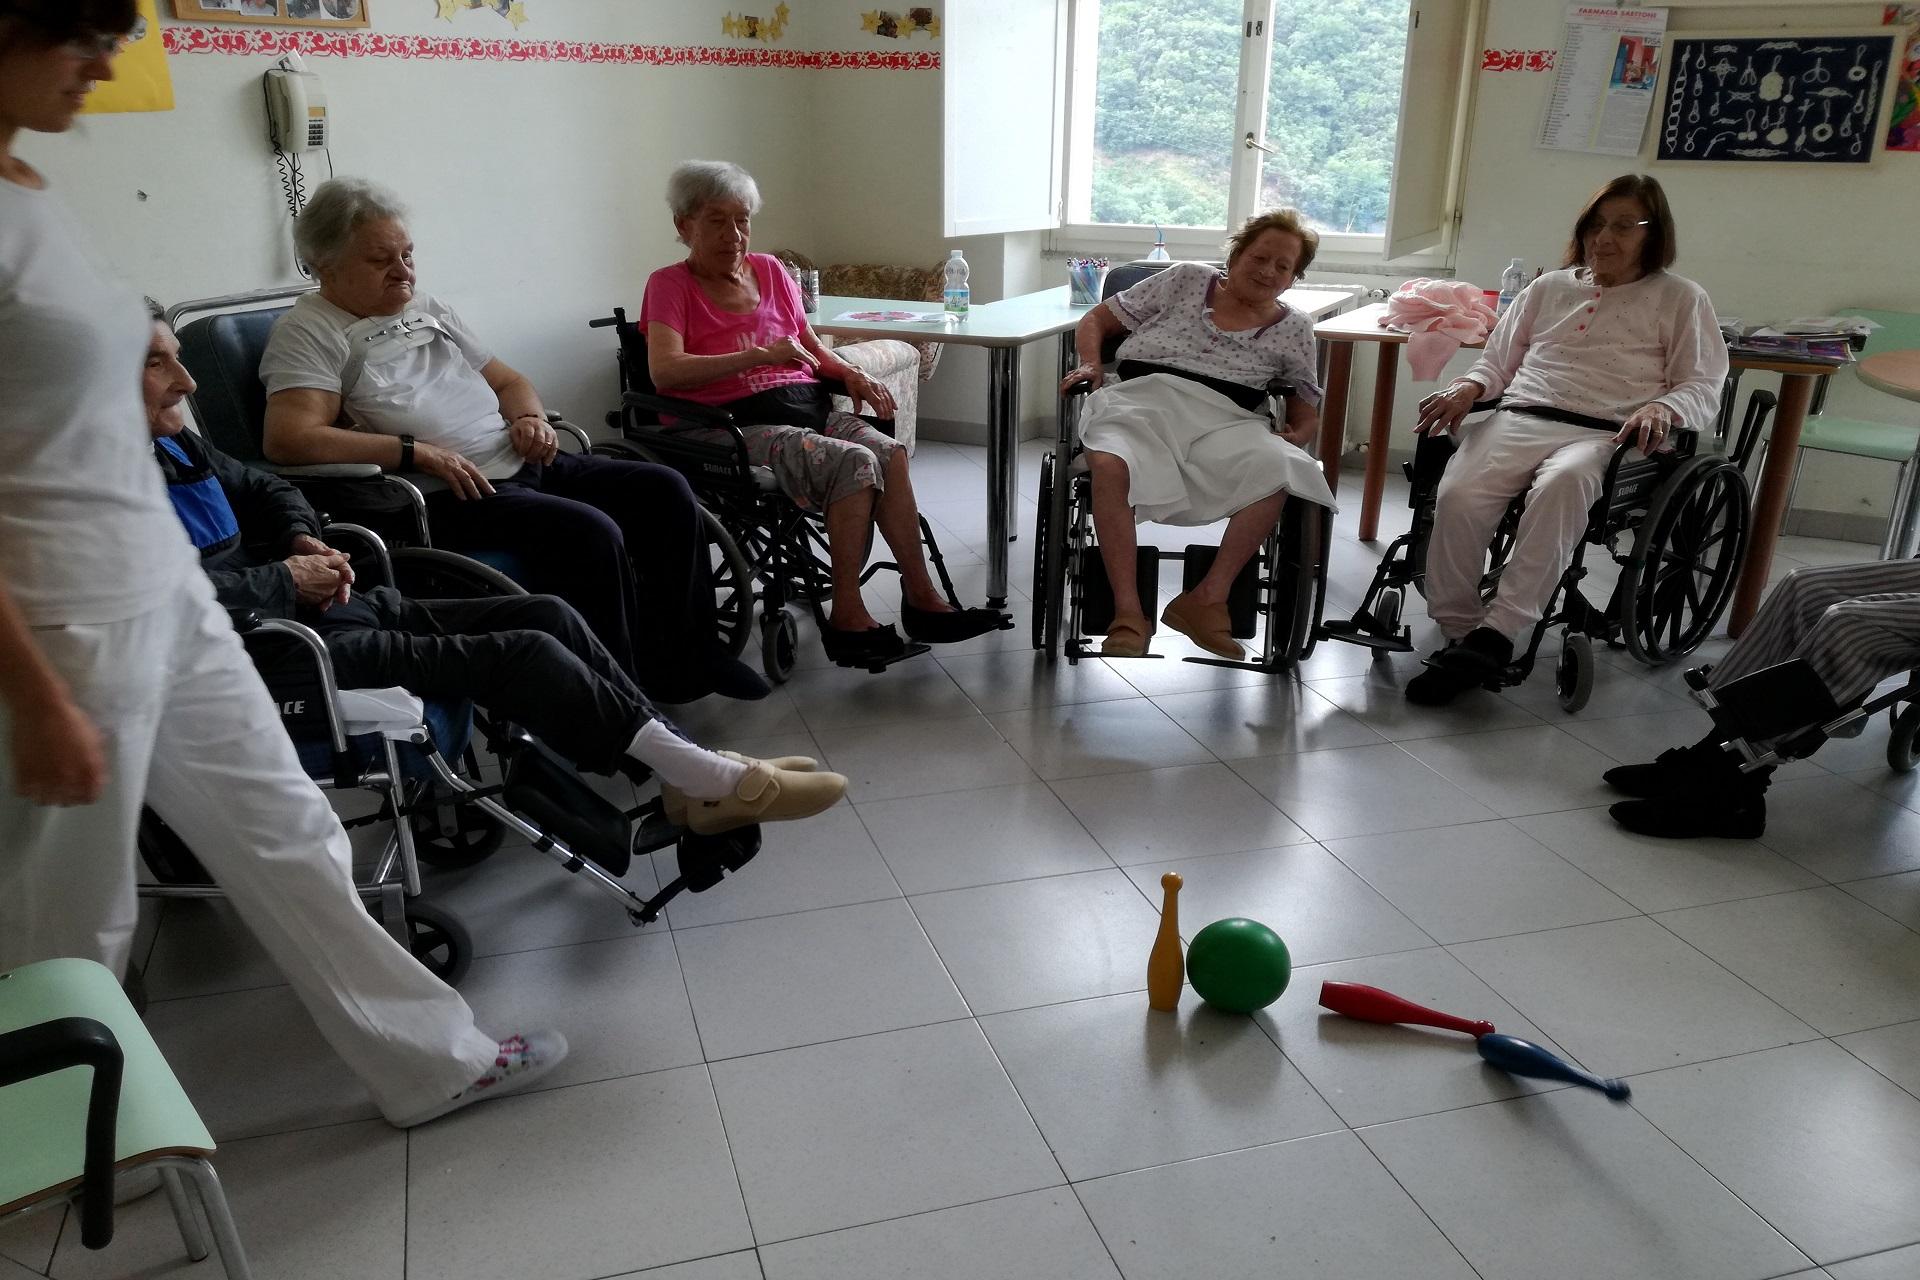 Attività psicomotoria alla Residenza Sanitaria Assistenziale Noceti | Opere Sociali Servi Savona